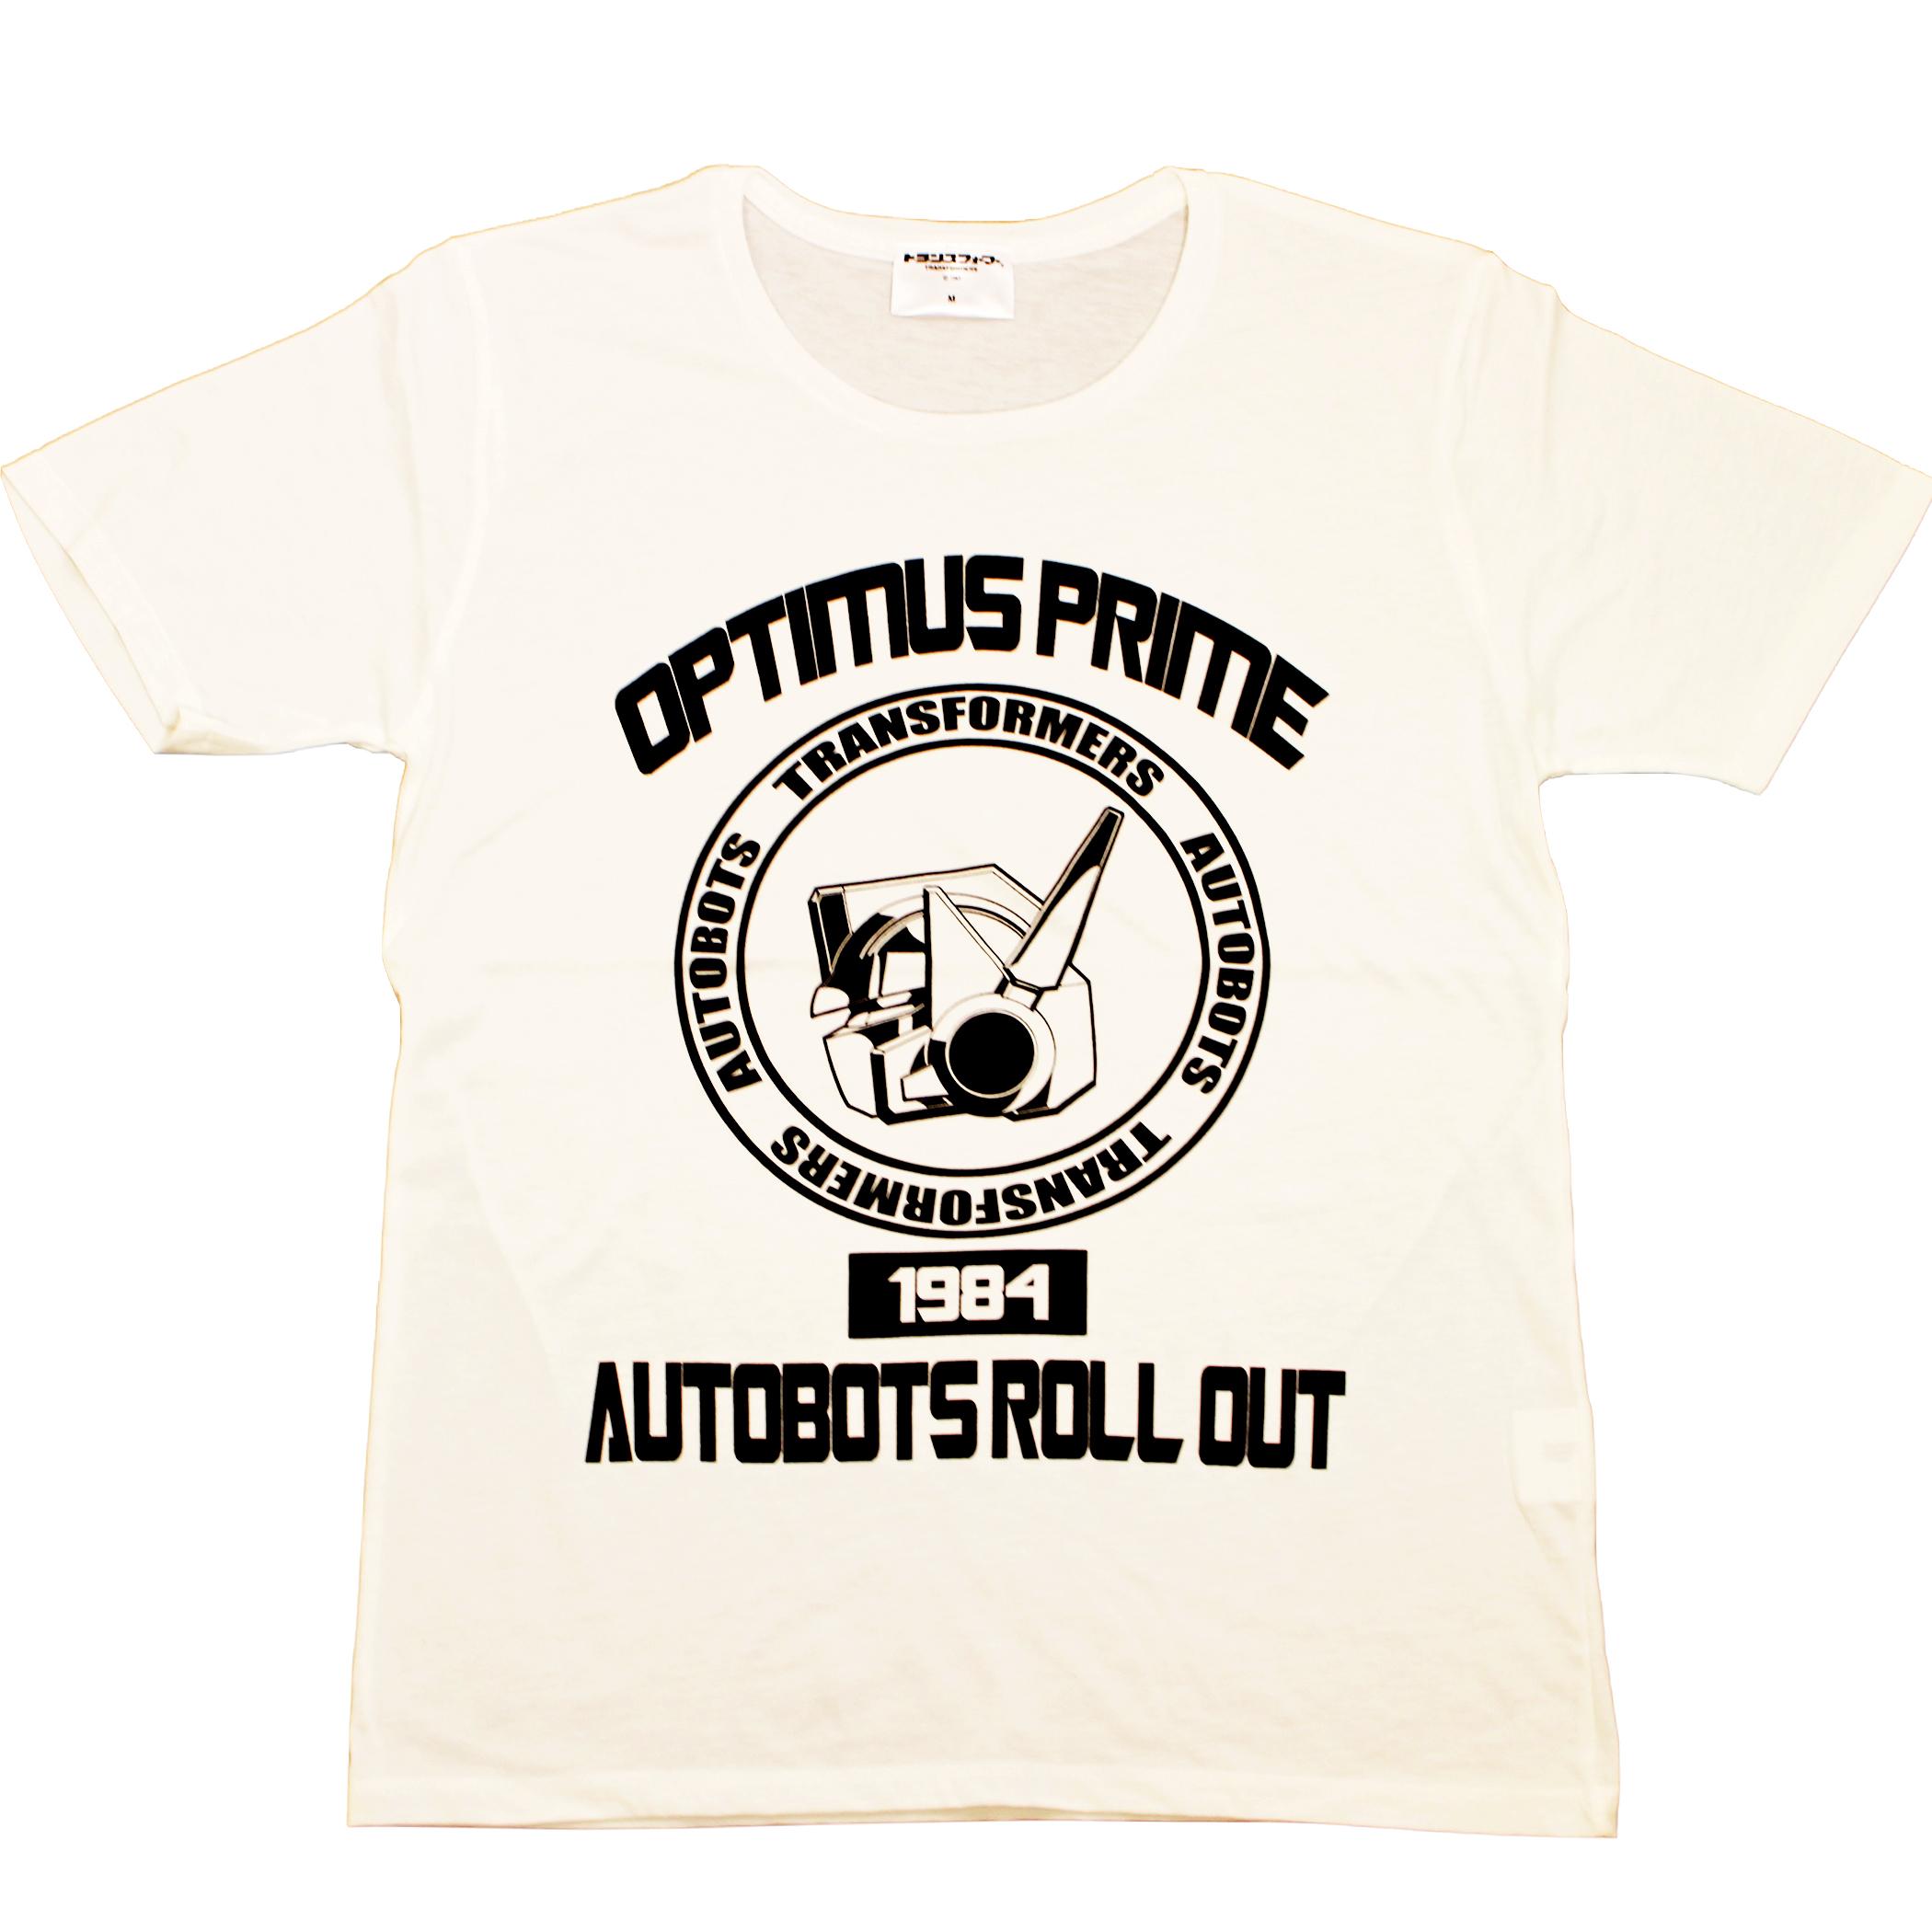 【トランスフォーマー】戦え!超ロボット生命体トランスフォーマー|コンボイカレッジデザイン Tシャツ